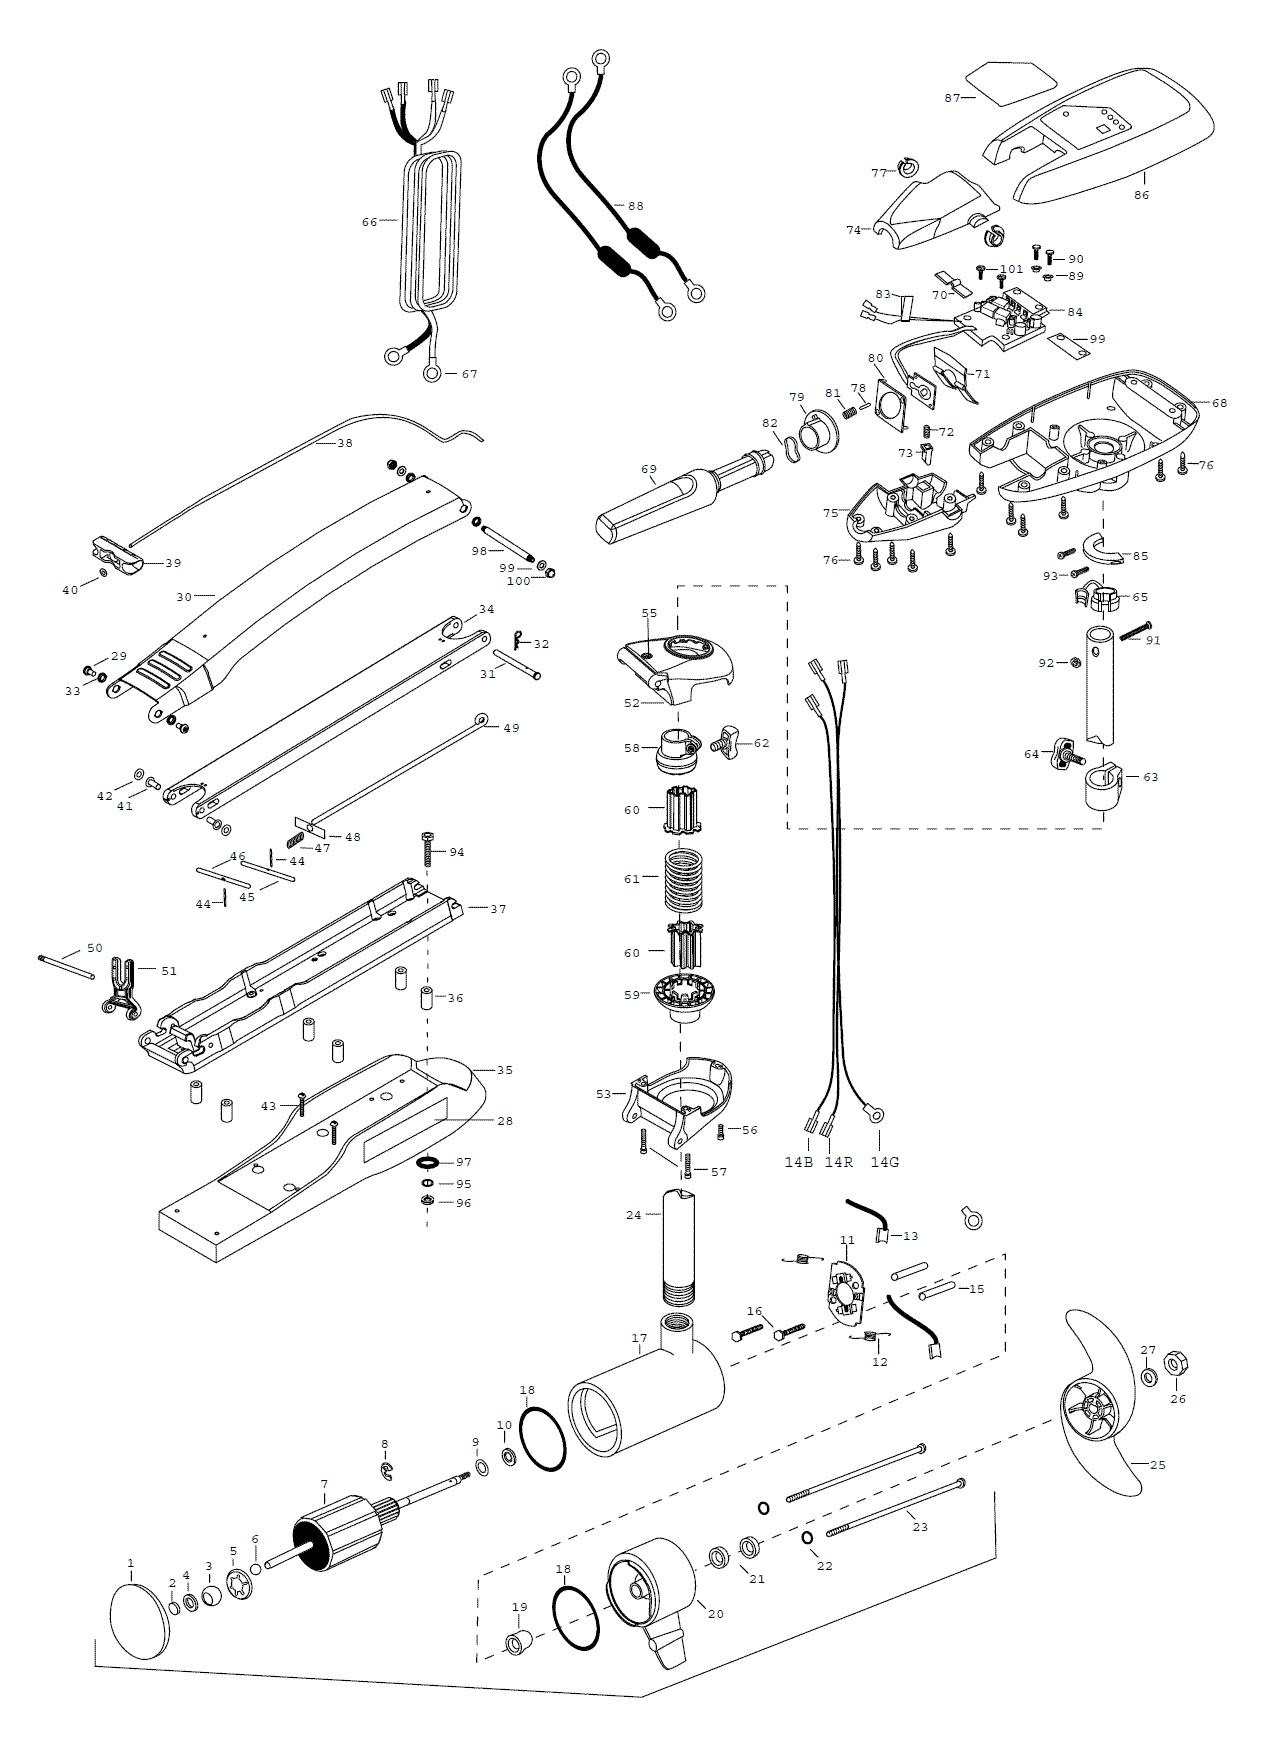 Minn Kota Maxxum 101 Hand Control Parts